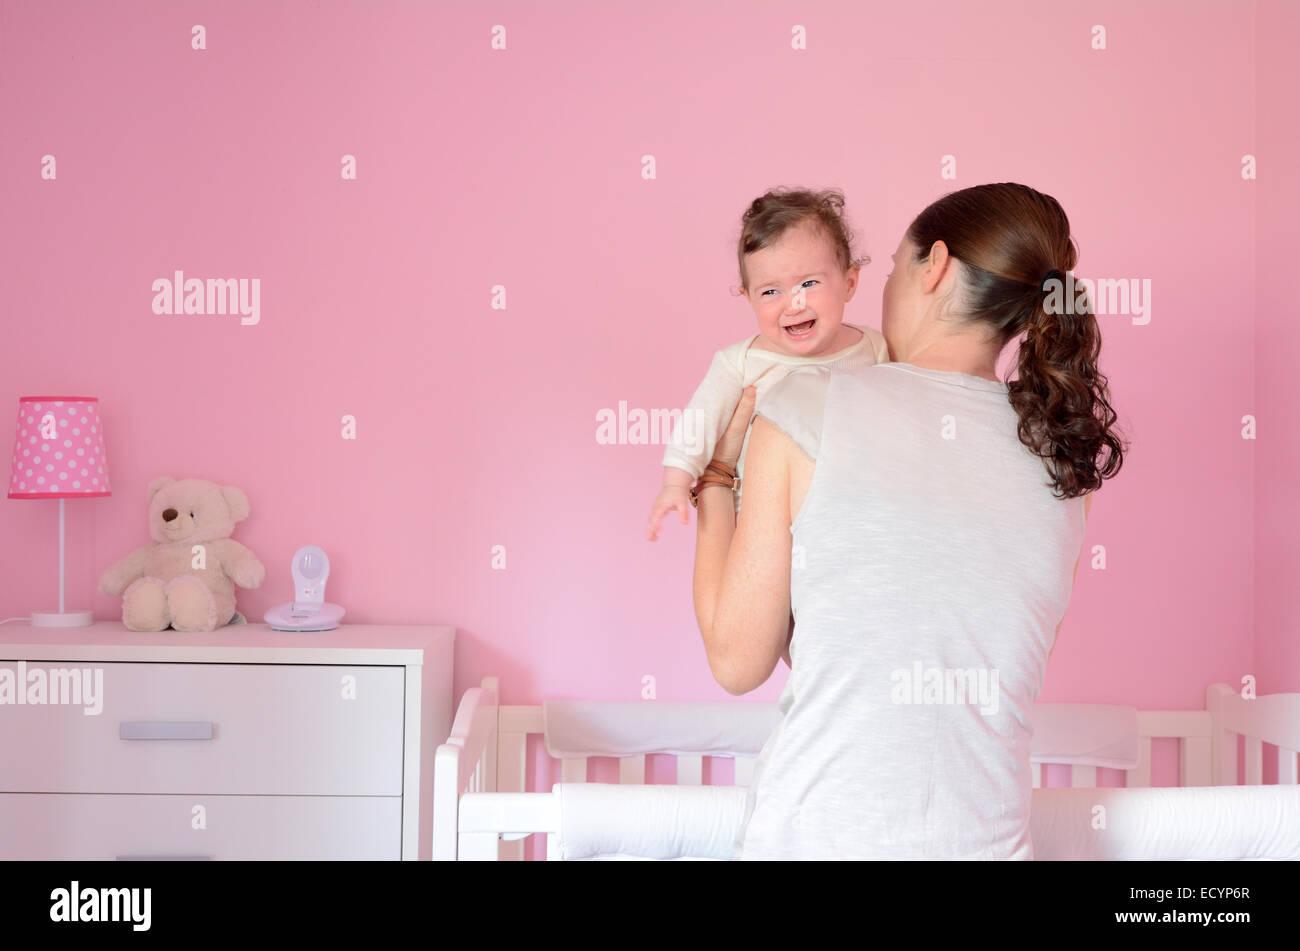 La joven madre pone a su bebé (niña de 06 meses de edad) a dormir mientras llora. Concepto foto la paternidad y Foto de stock